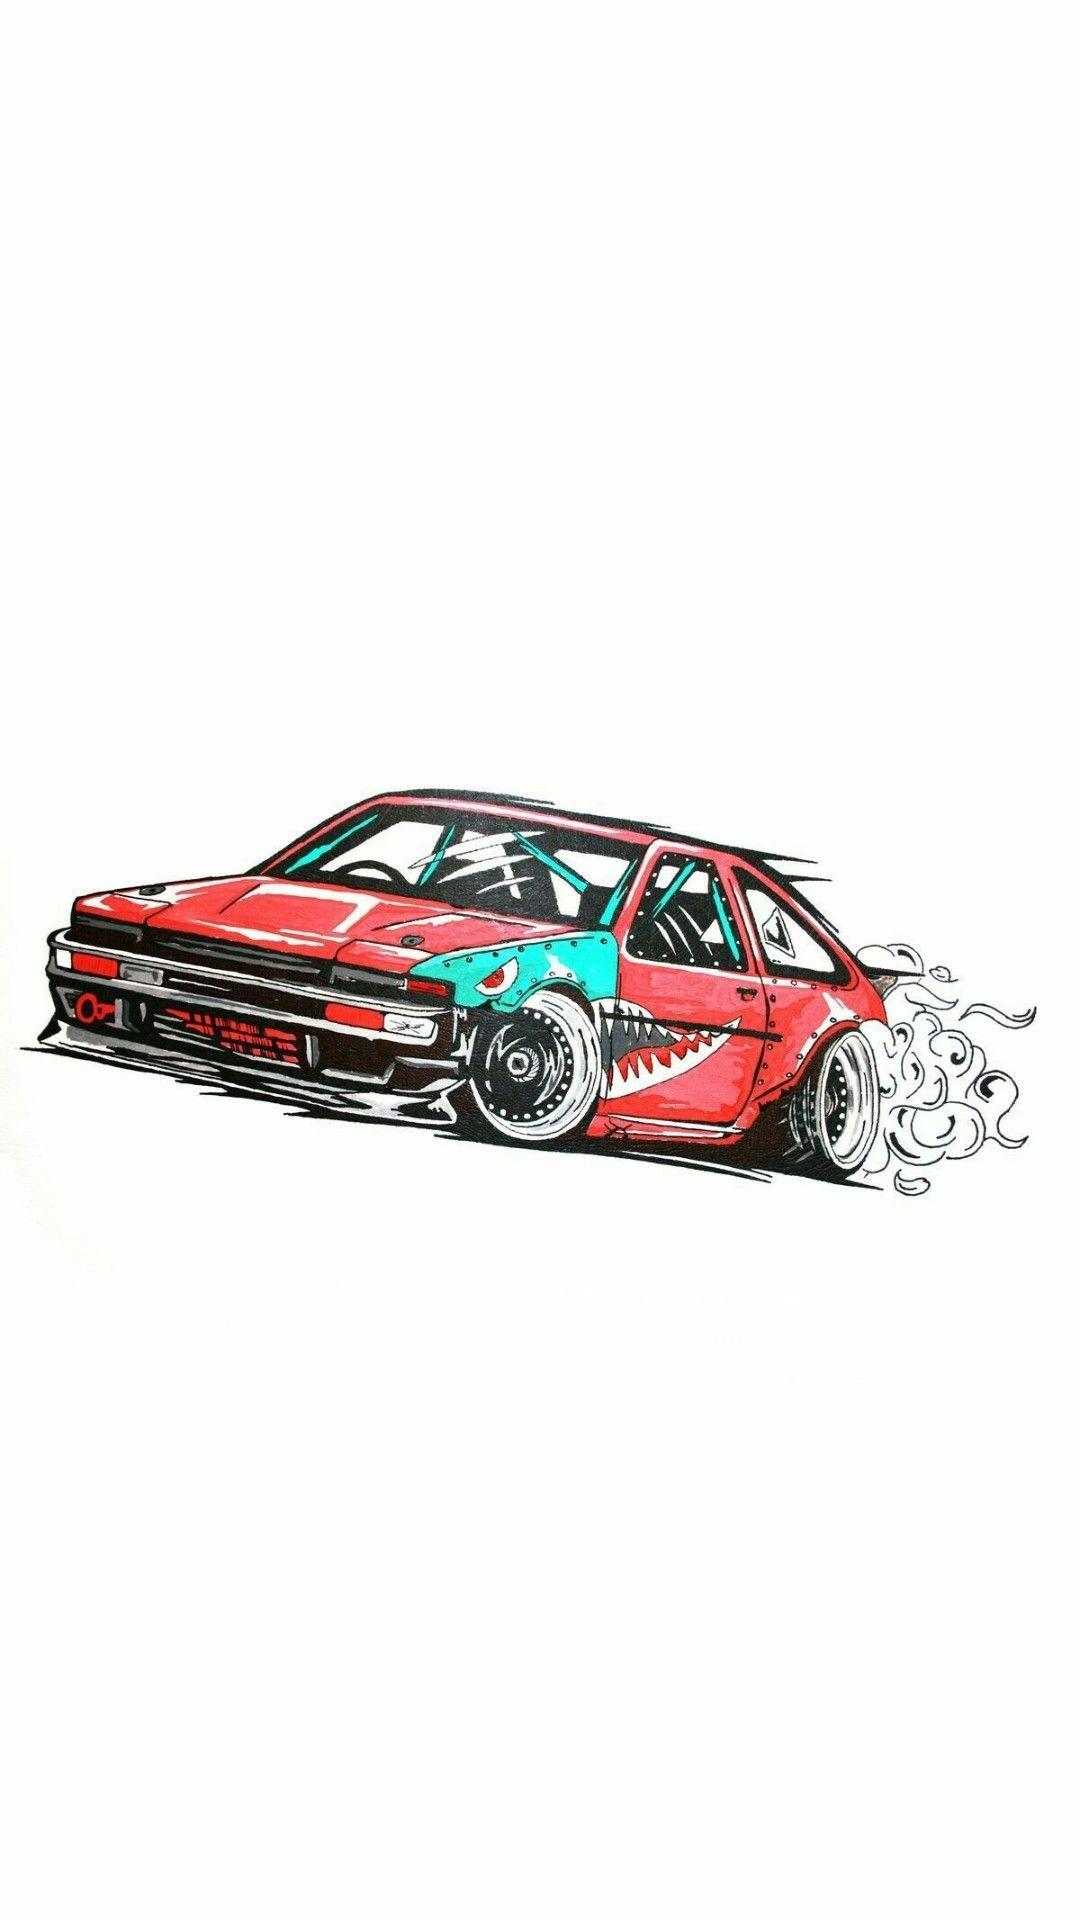 Wallpaper Carros Rebaixados Desenho Desenhos De Carros Arte Para Automovel